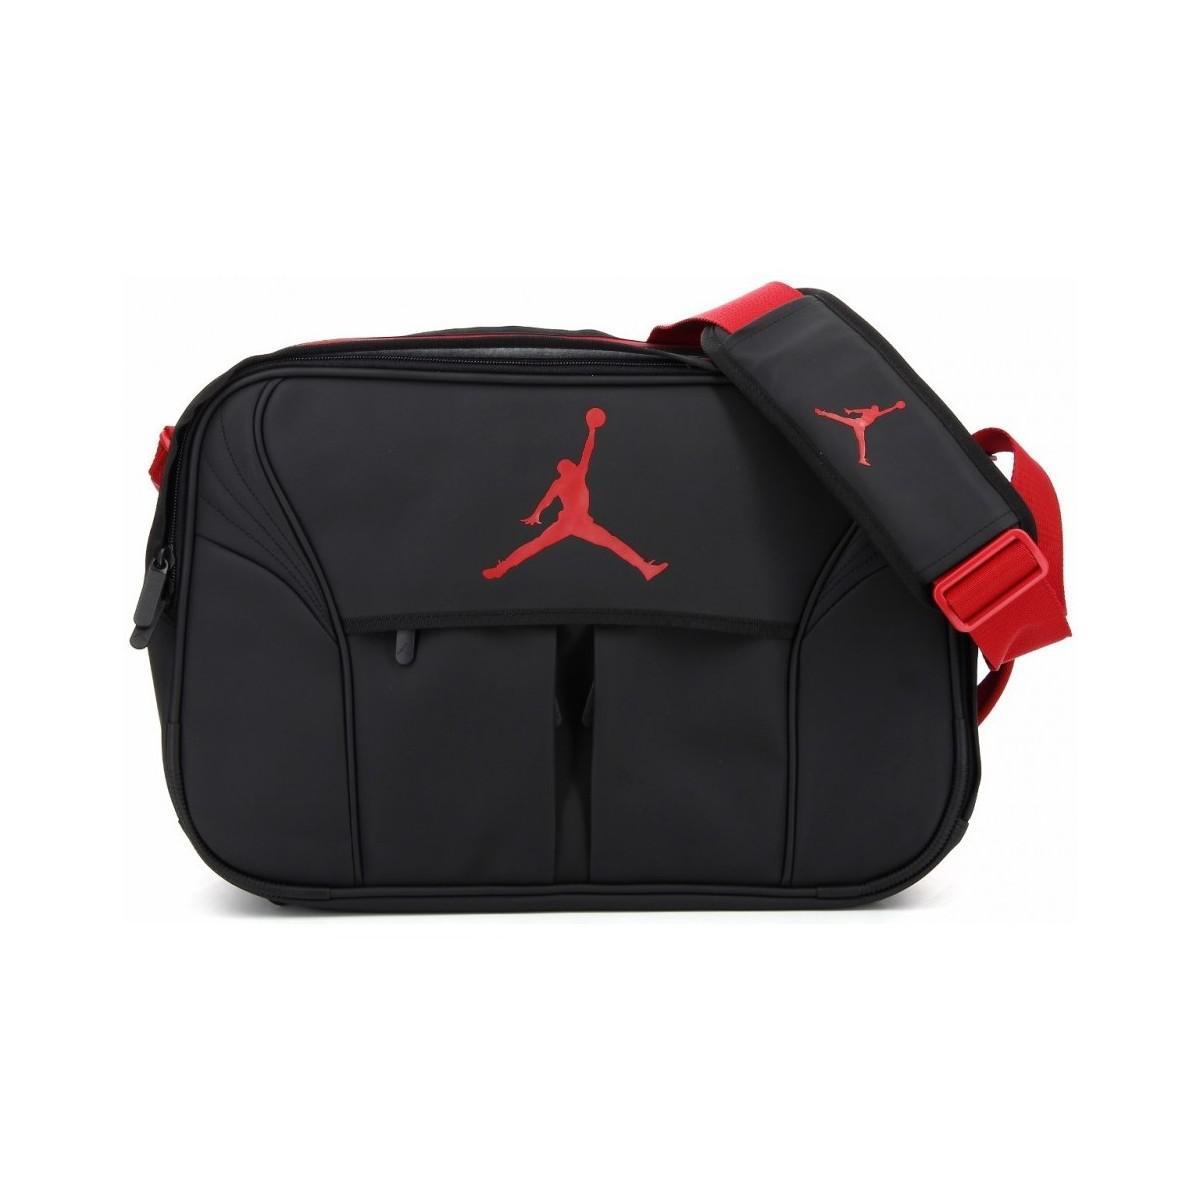 Sac Coloris Black 576585 Nike 010 Sport Weather Noir All Hommes De Jordan Pour Homme En DHE92I